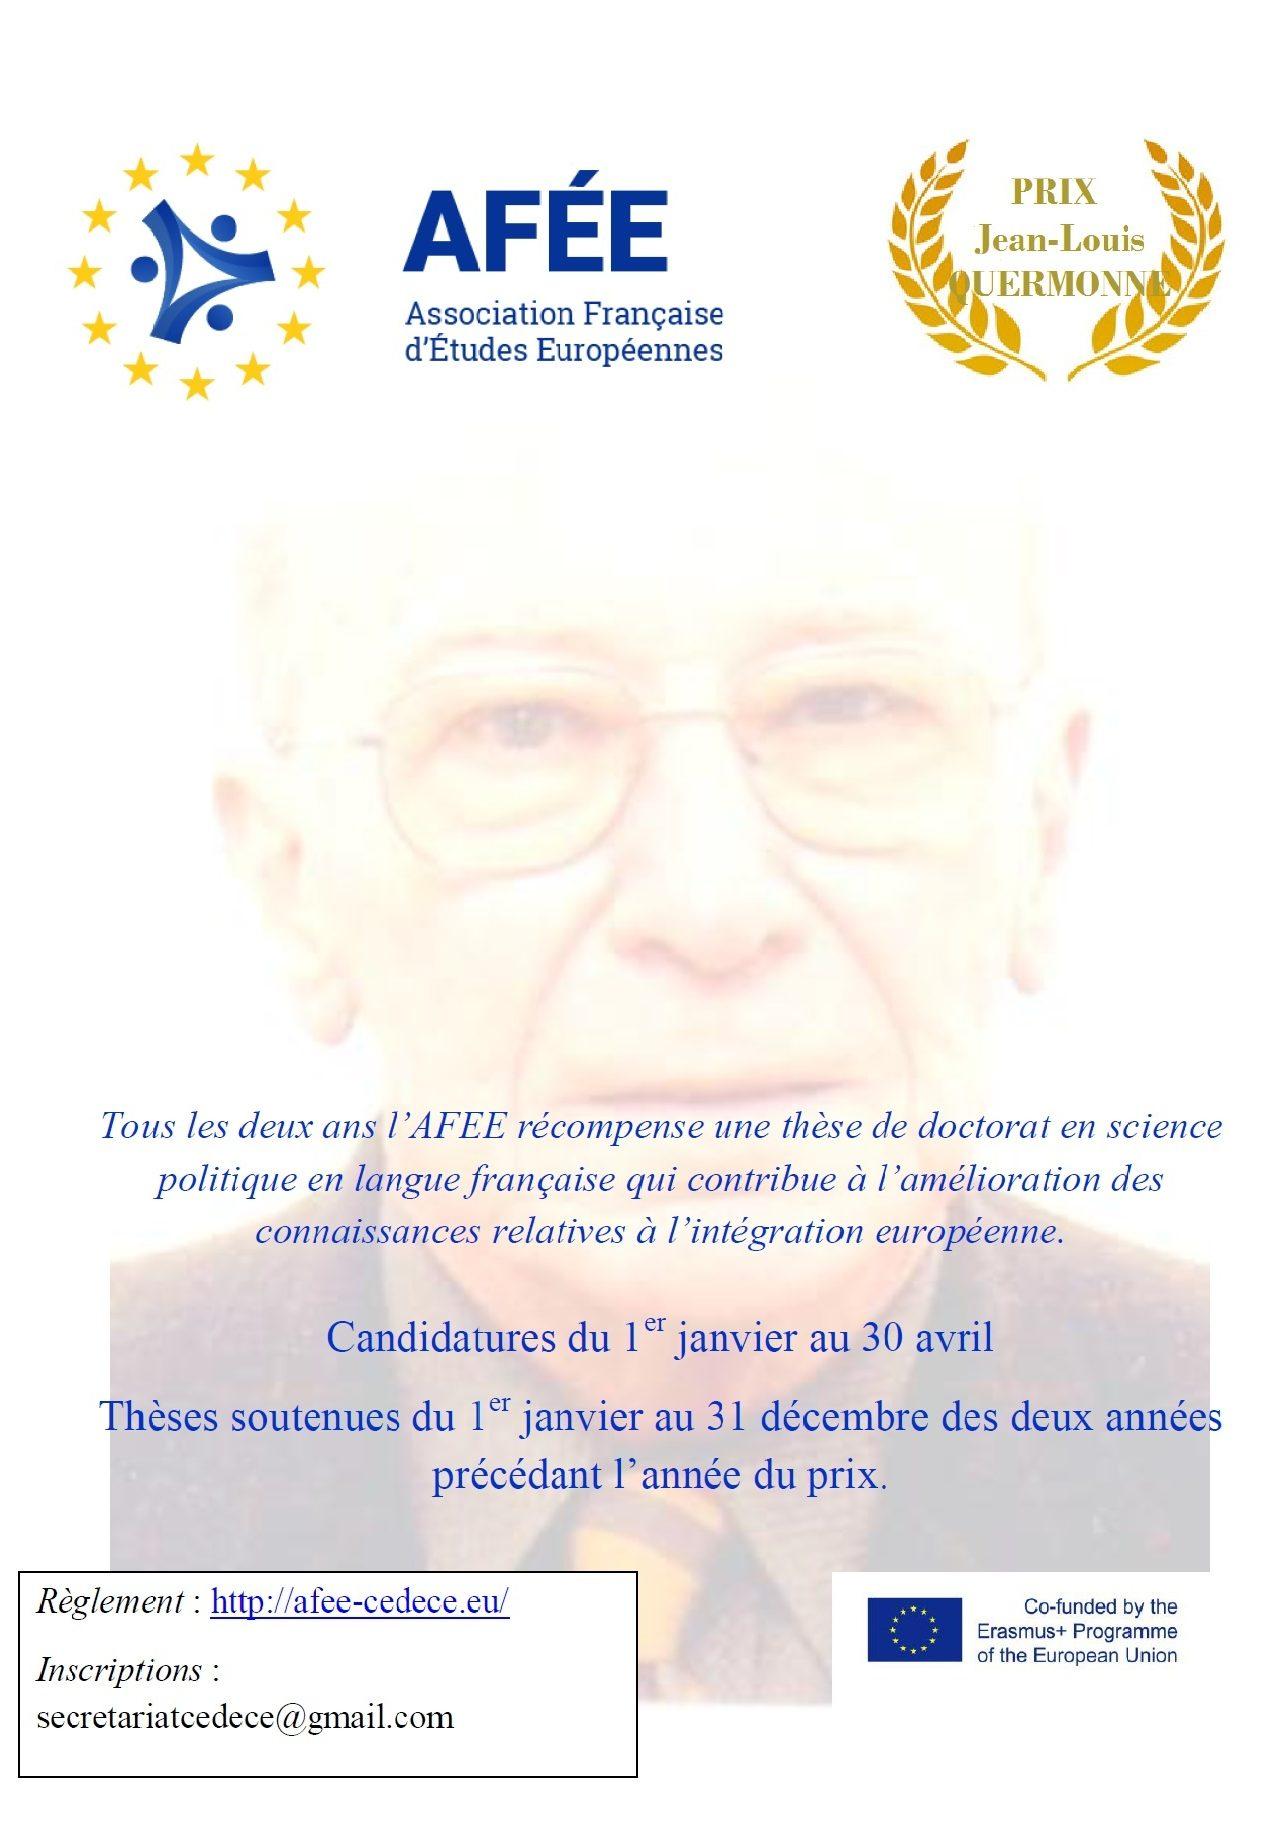 Aliénor Ballangé, lauréate du prix Jean-Louis Quermonne 2020